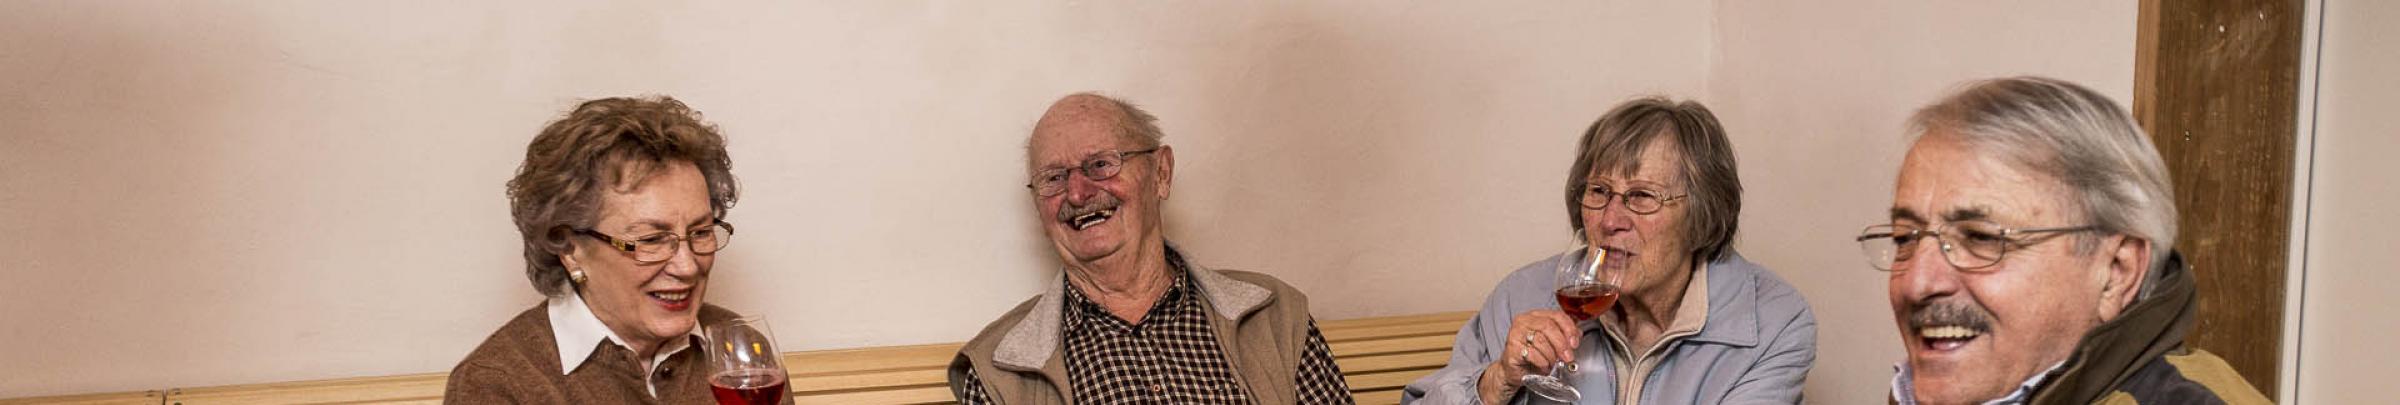 Die heutigen Senioren-Vereinigungen setzen sich für die Anliegen ihrer älteren Mitglieder ein.